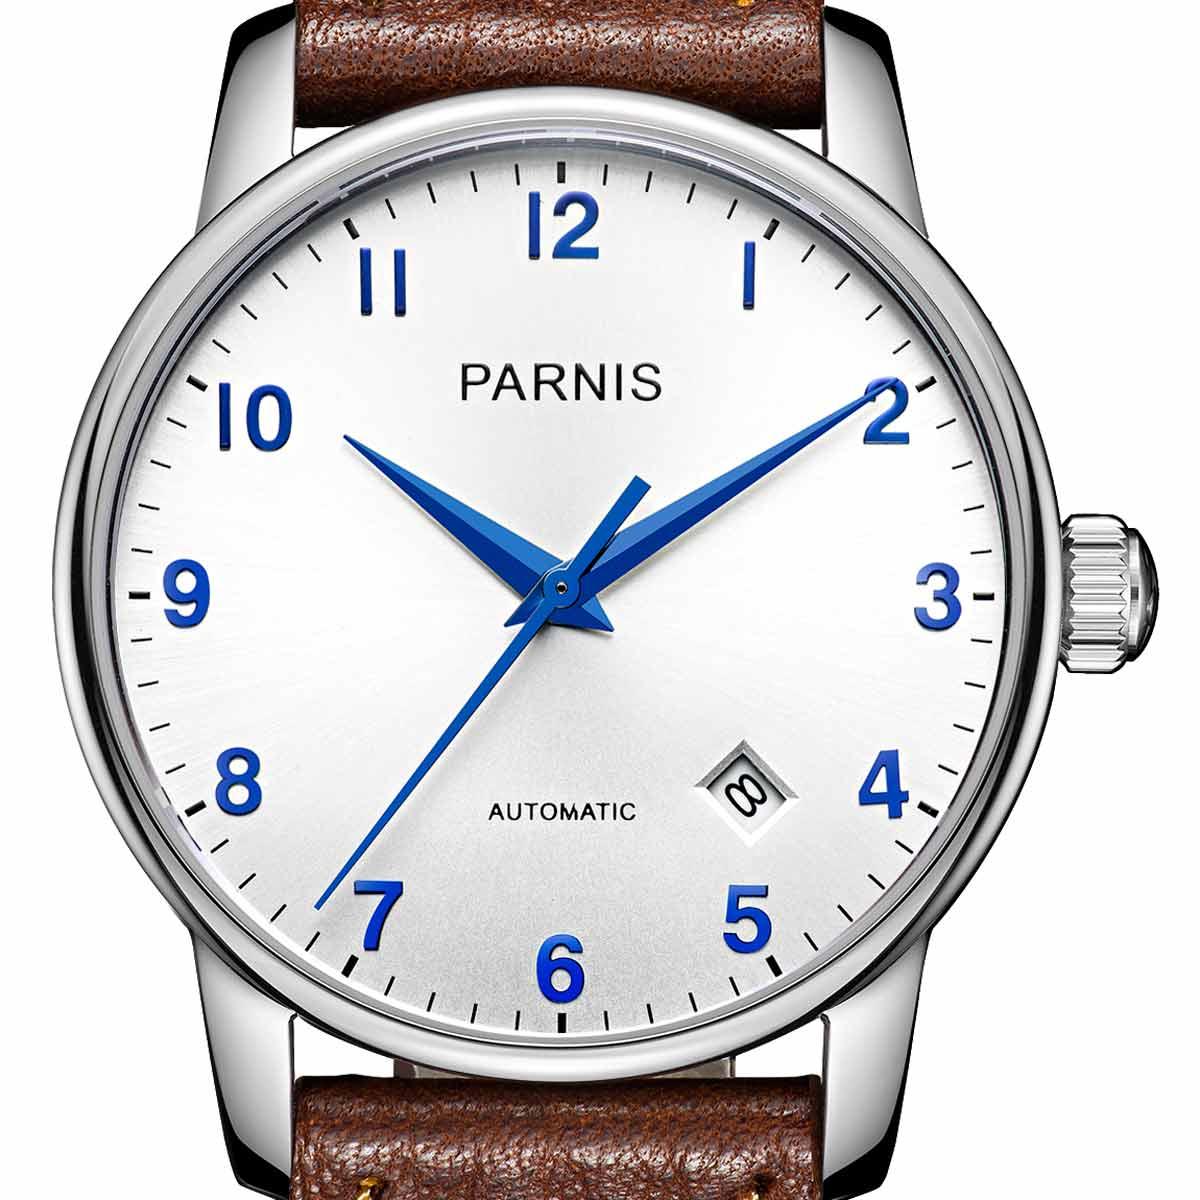 【NEW】PARNIS パーニス 自動巻き 腕時計 [PA6038-S3AS-SVSV] 並行輸入品 純正ケース メーカー保証12ヶ月